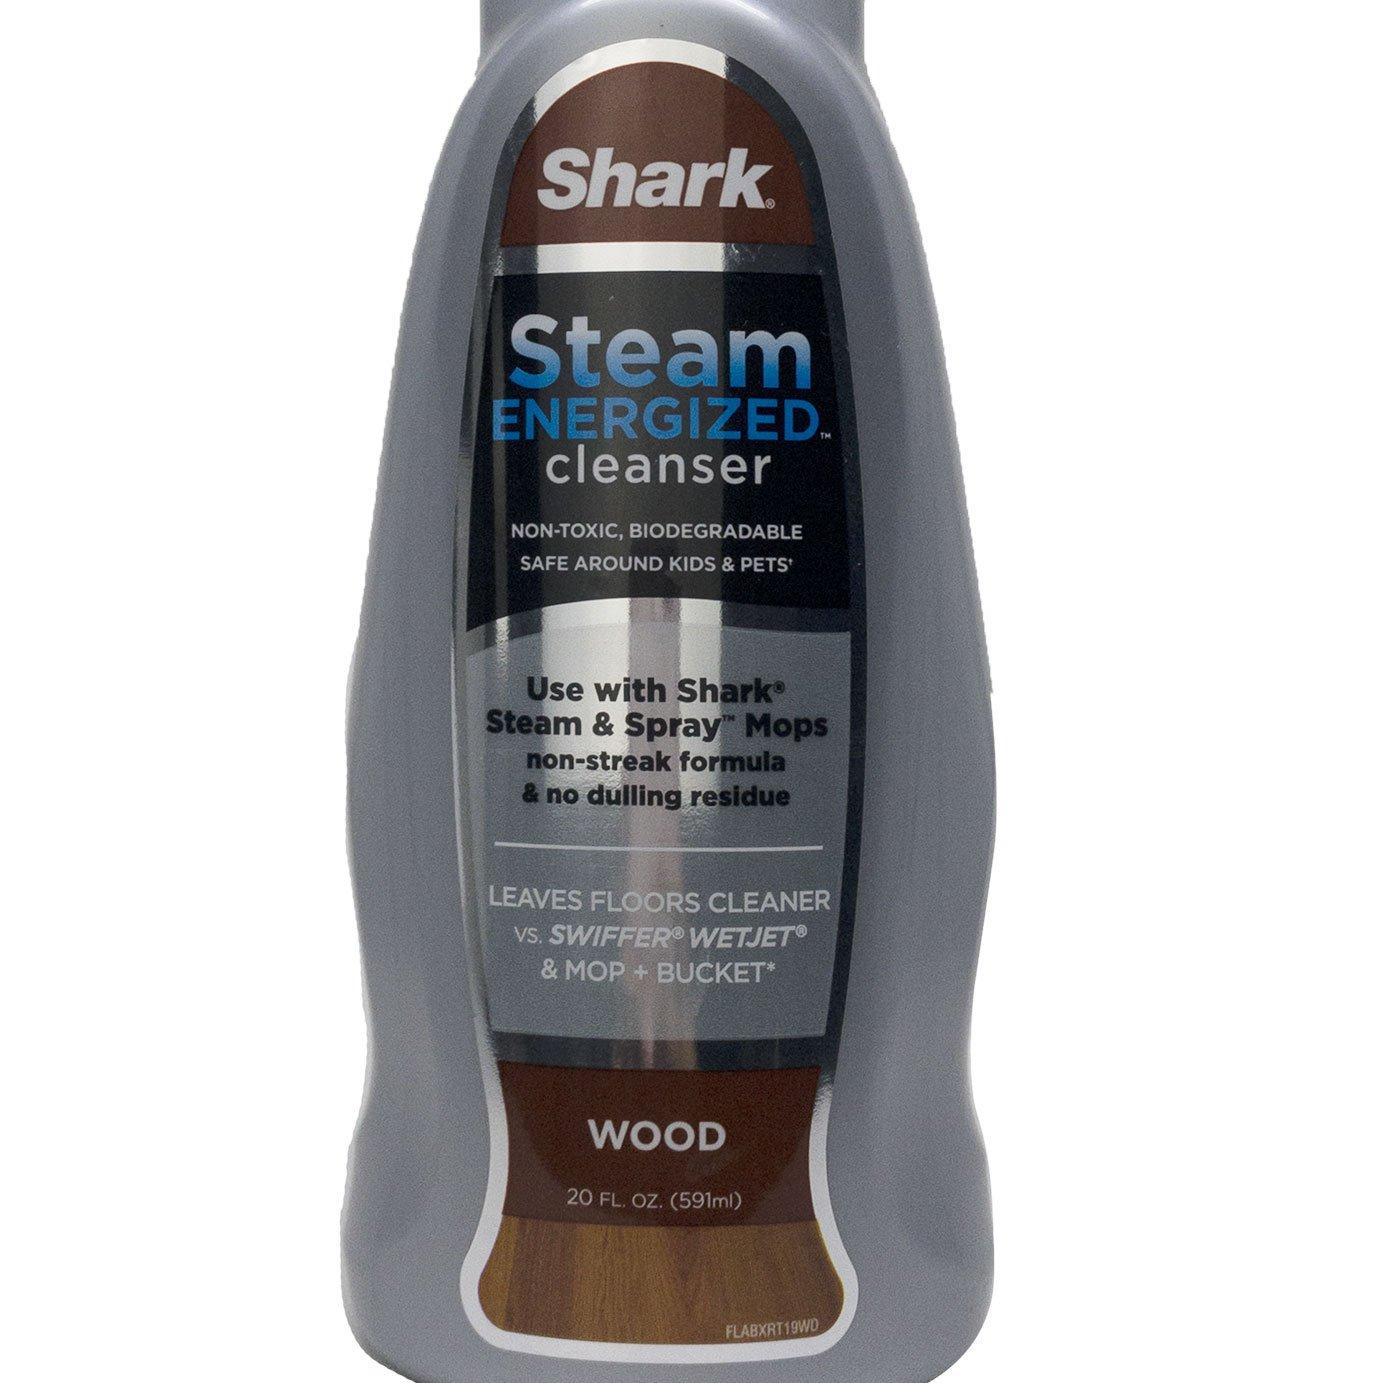 Shark Ninja Steam Energized Wood Floor Cleanser for Steam & Spray Mop (2 Pack) - image 5 de 6